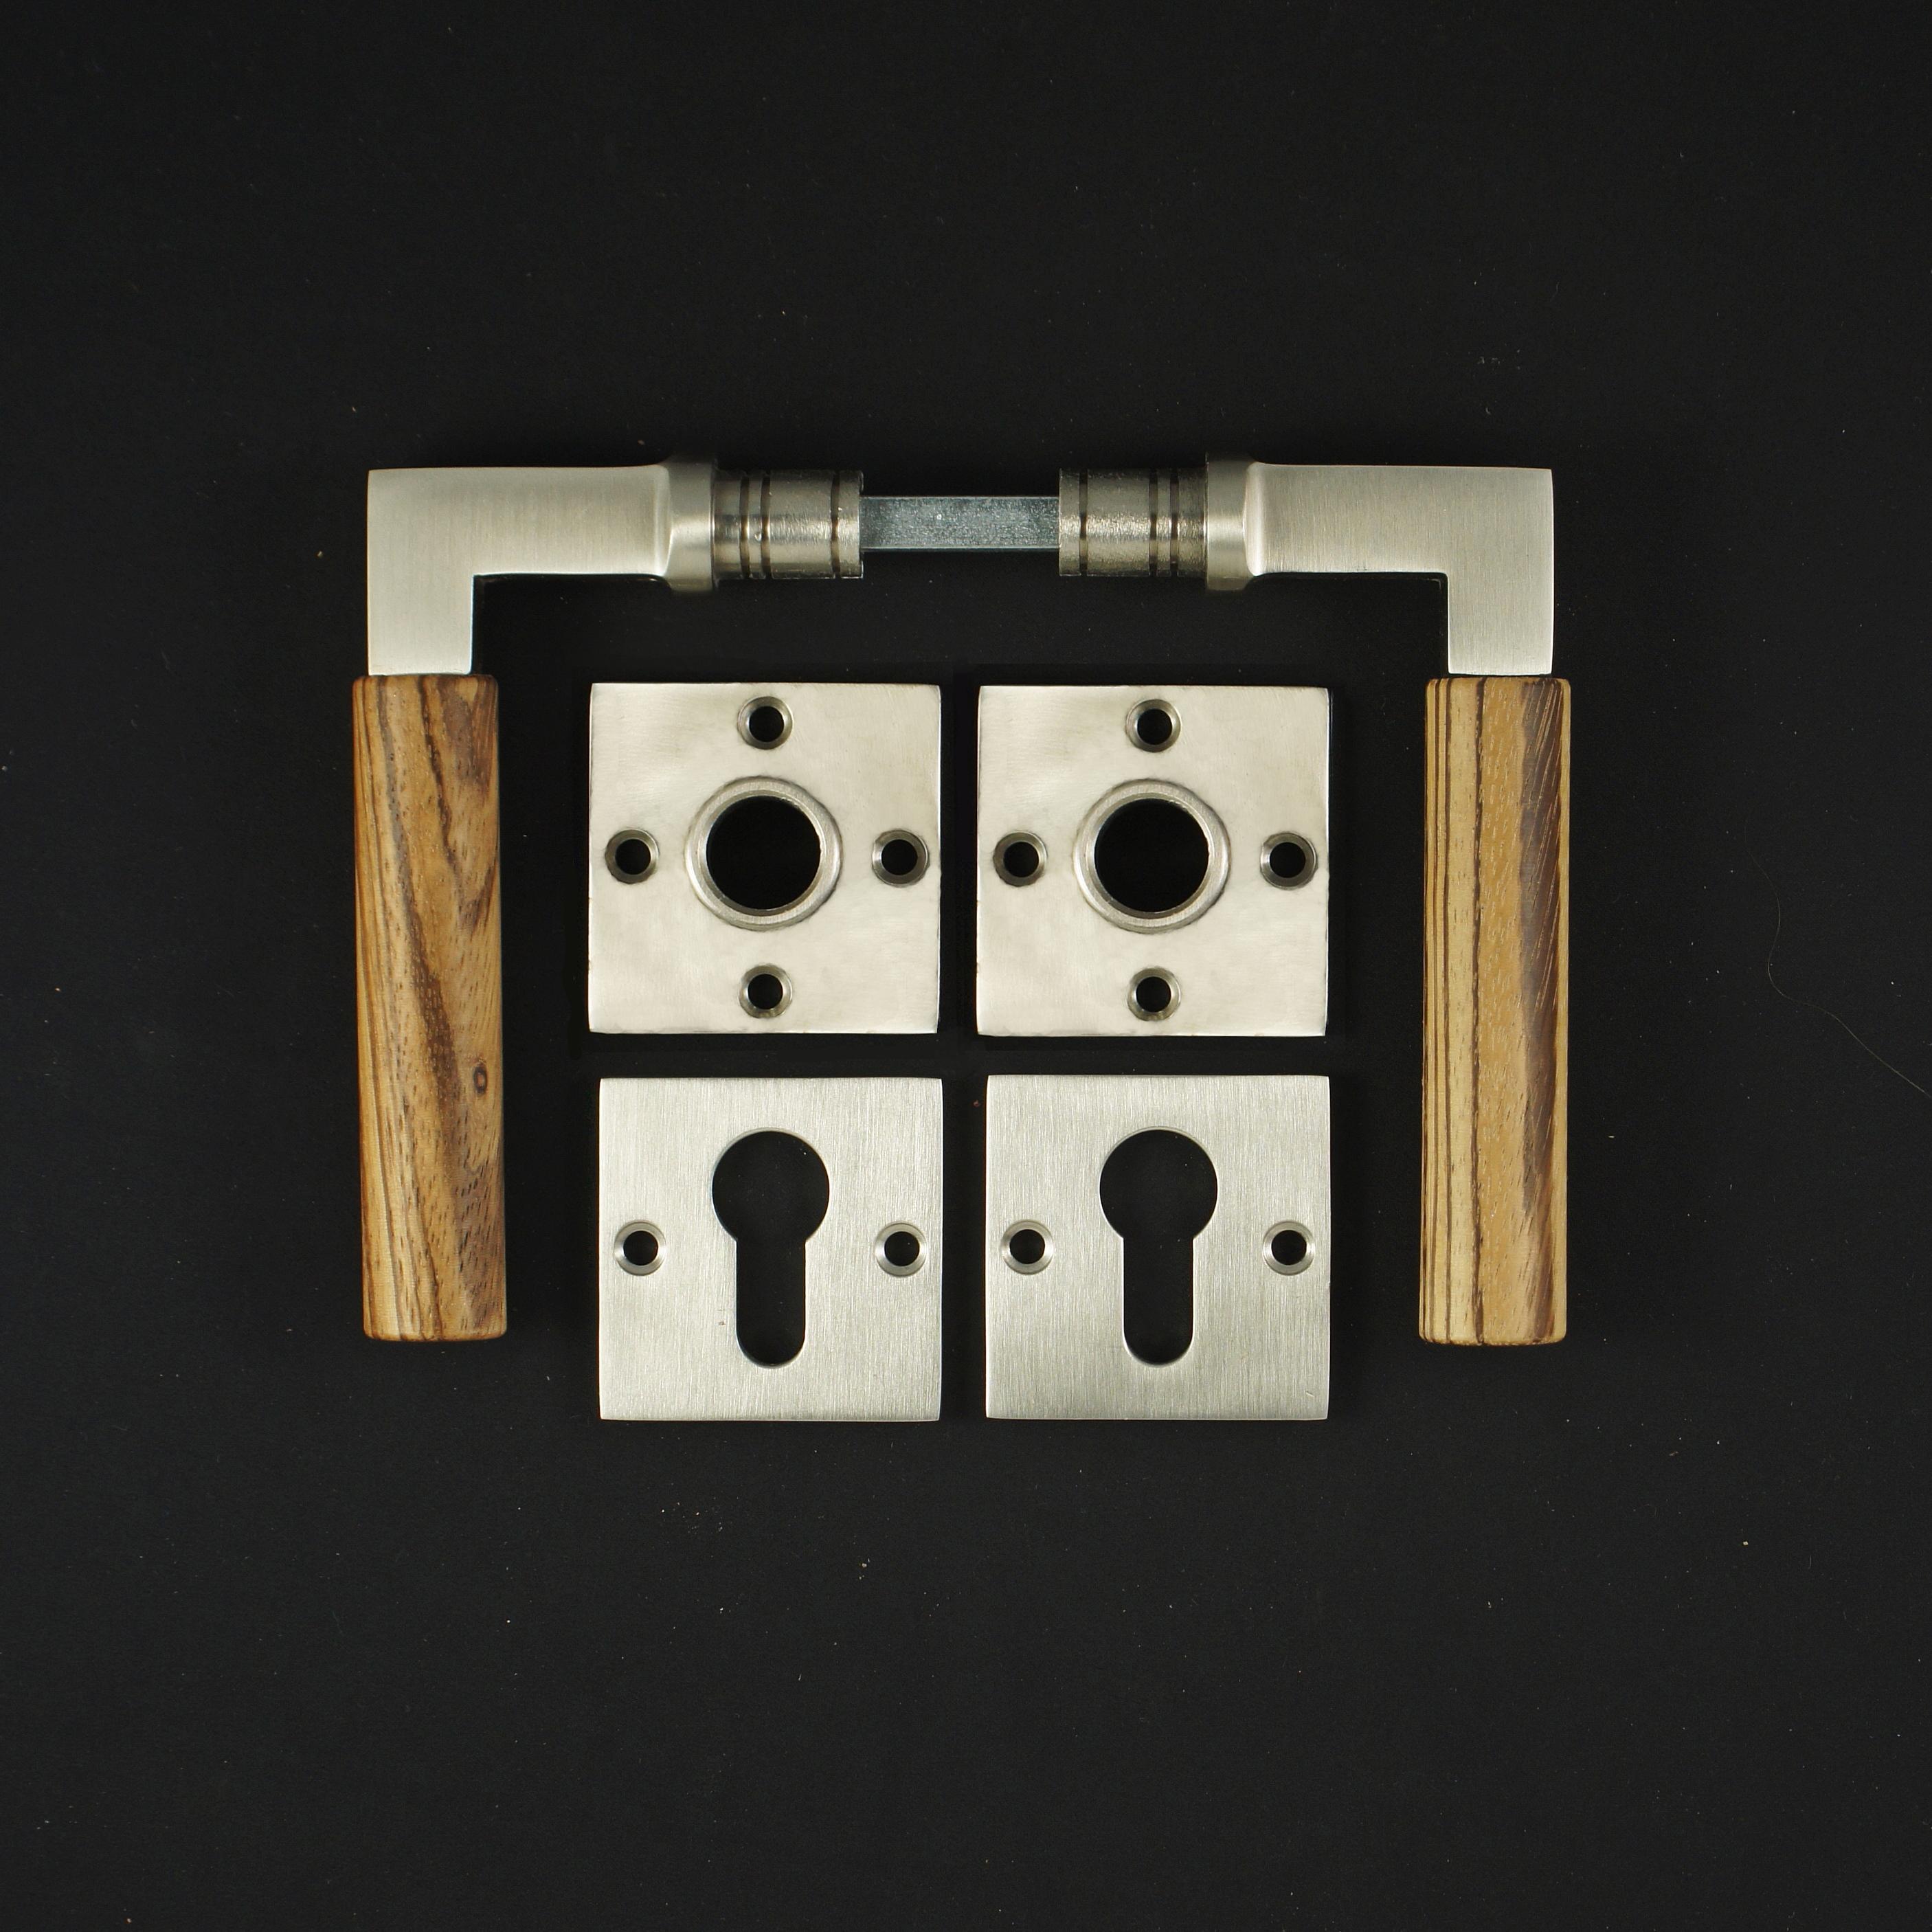 Zimmertür Rosettengarnitur PZ im Bauhaustil - antike Türdrücker, Türklinken, Türbeschläge